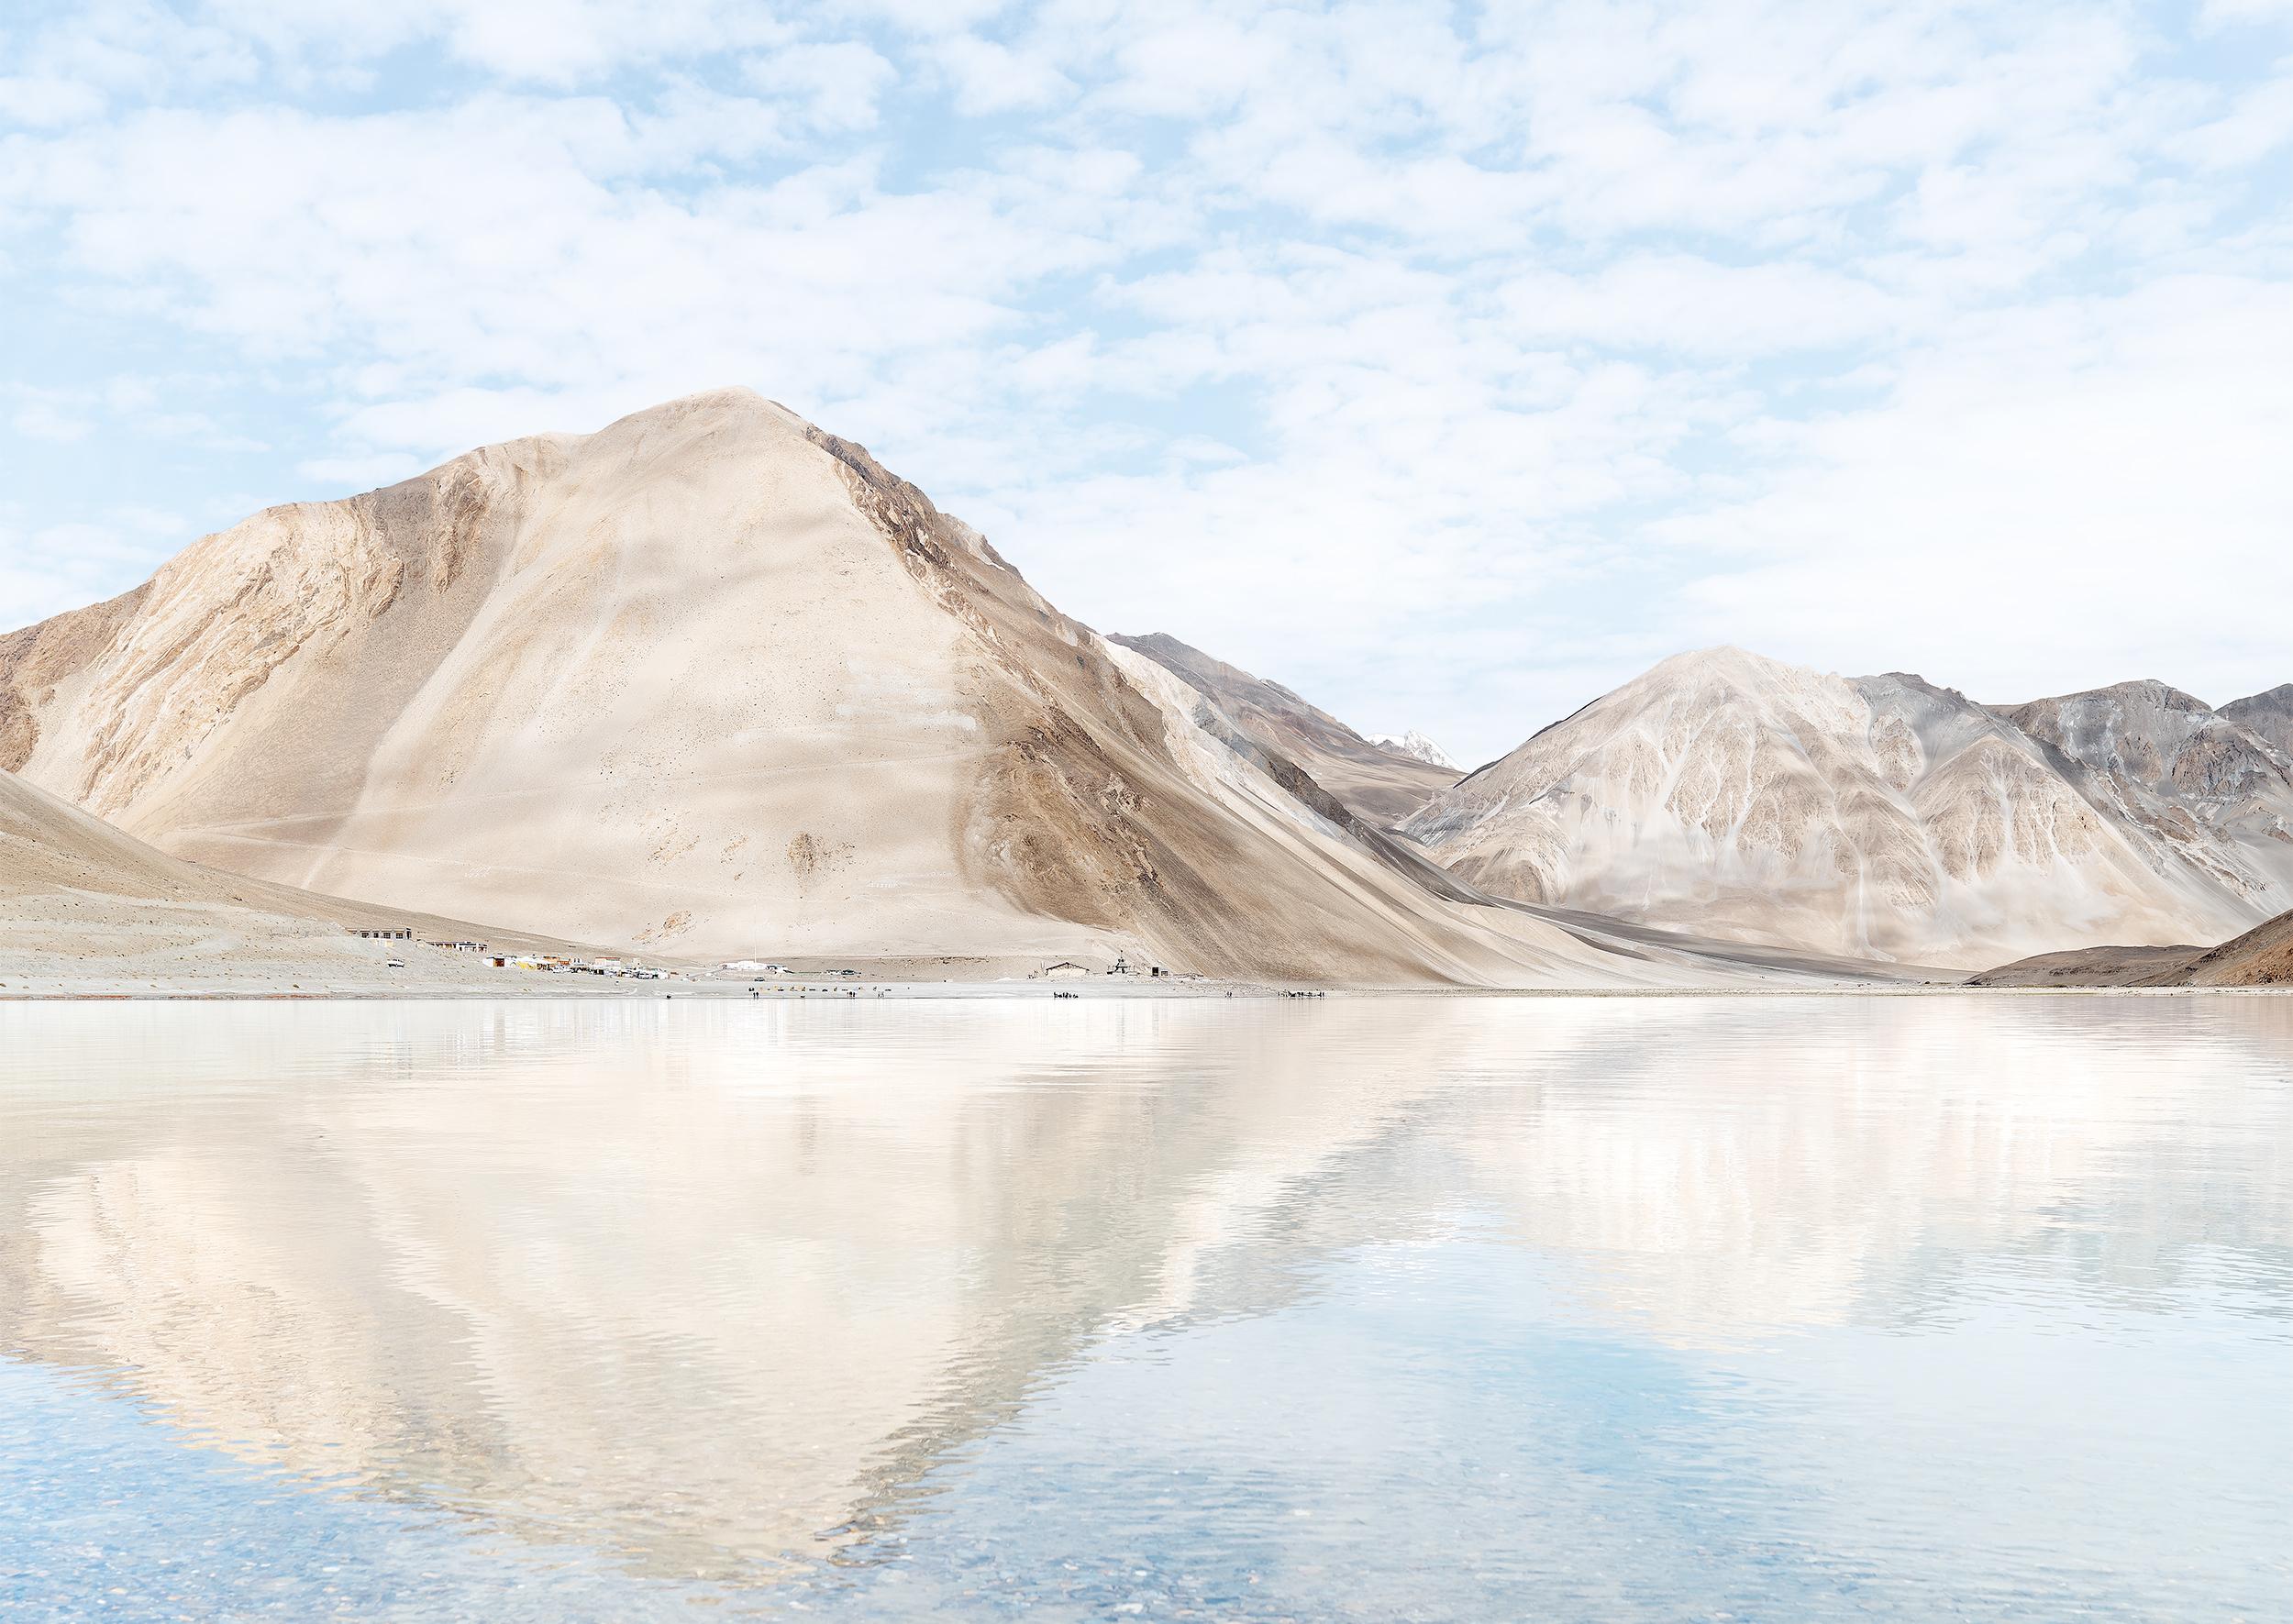 ZO_Untitled, Pangong Tso, Ladakh, 2017.jpg